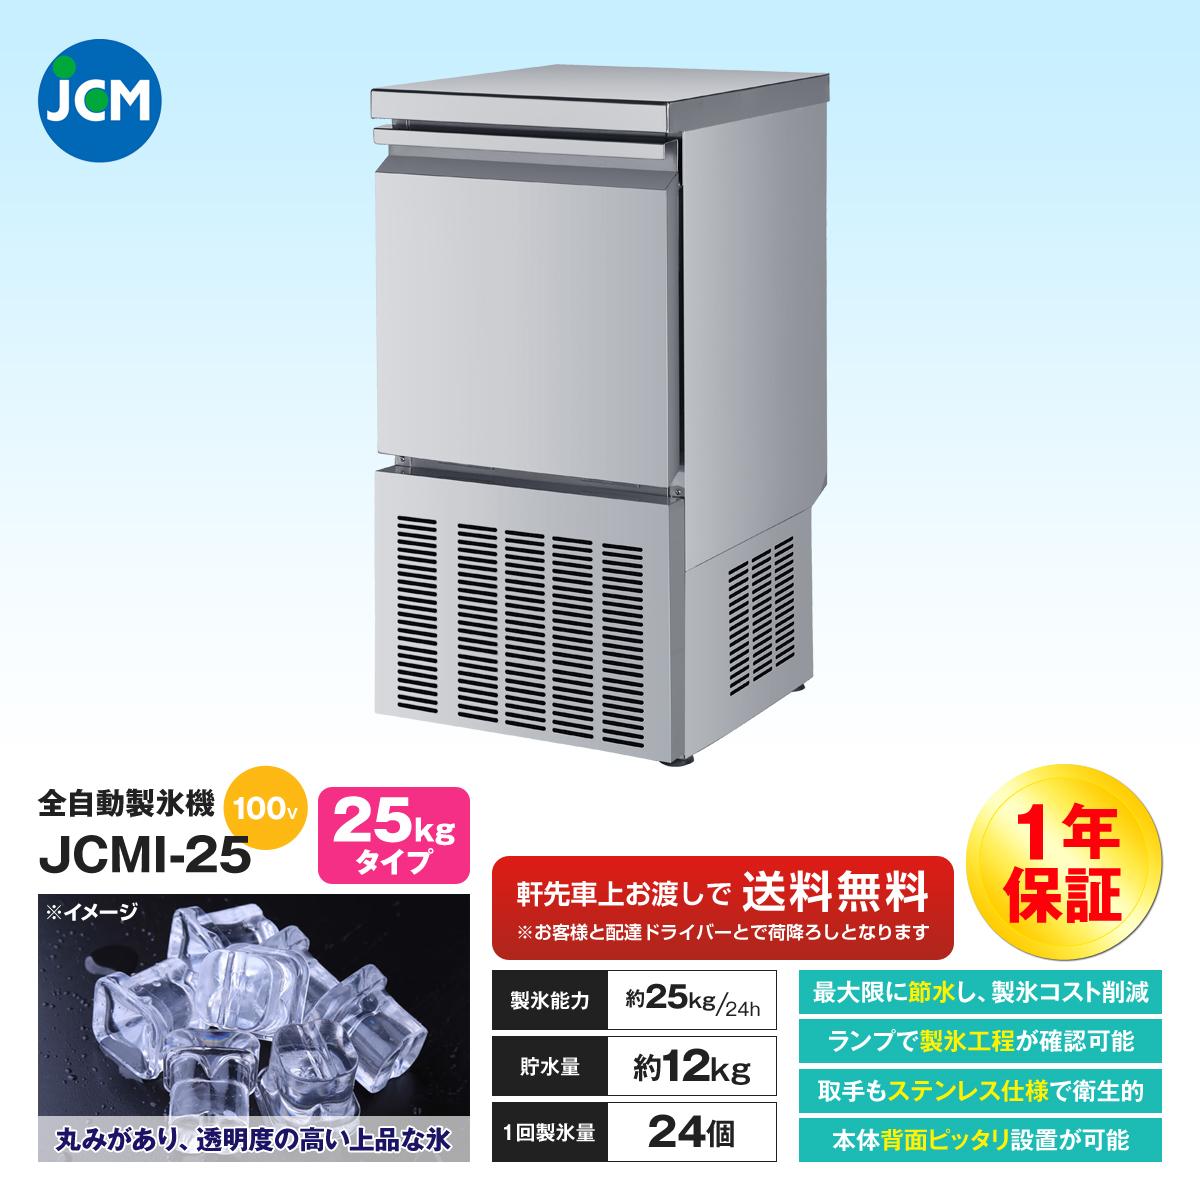 【エントリーでポイント最大10倍】JCM社製 業務用 全自動製氷機 製氷能力 25kg JCMI-25 新品